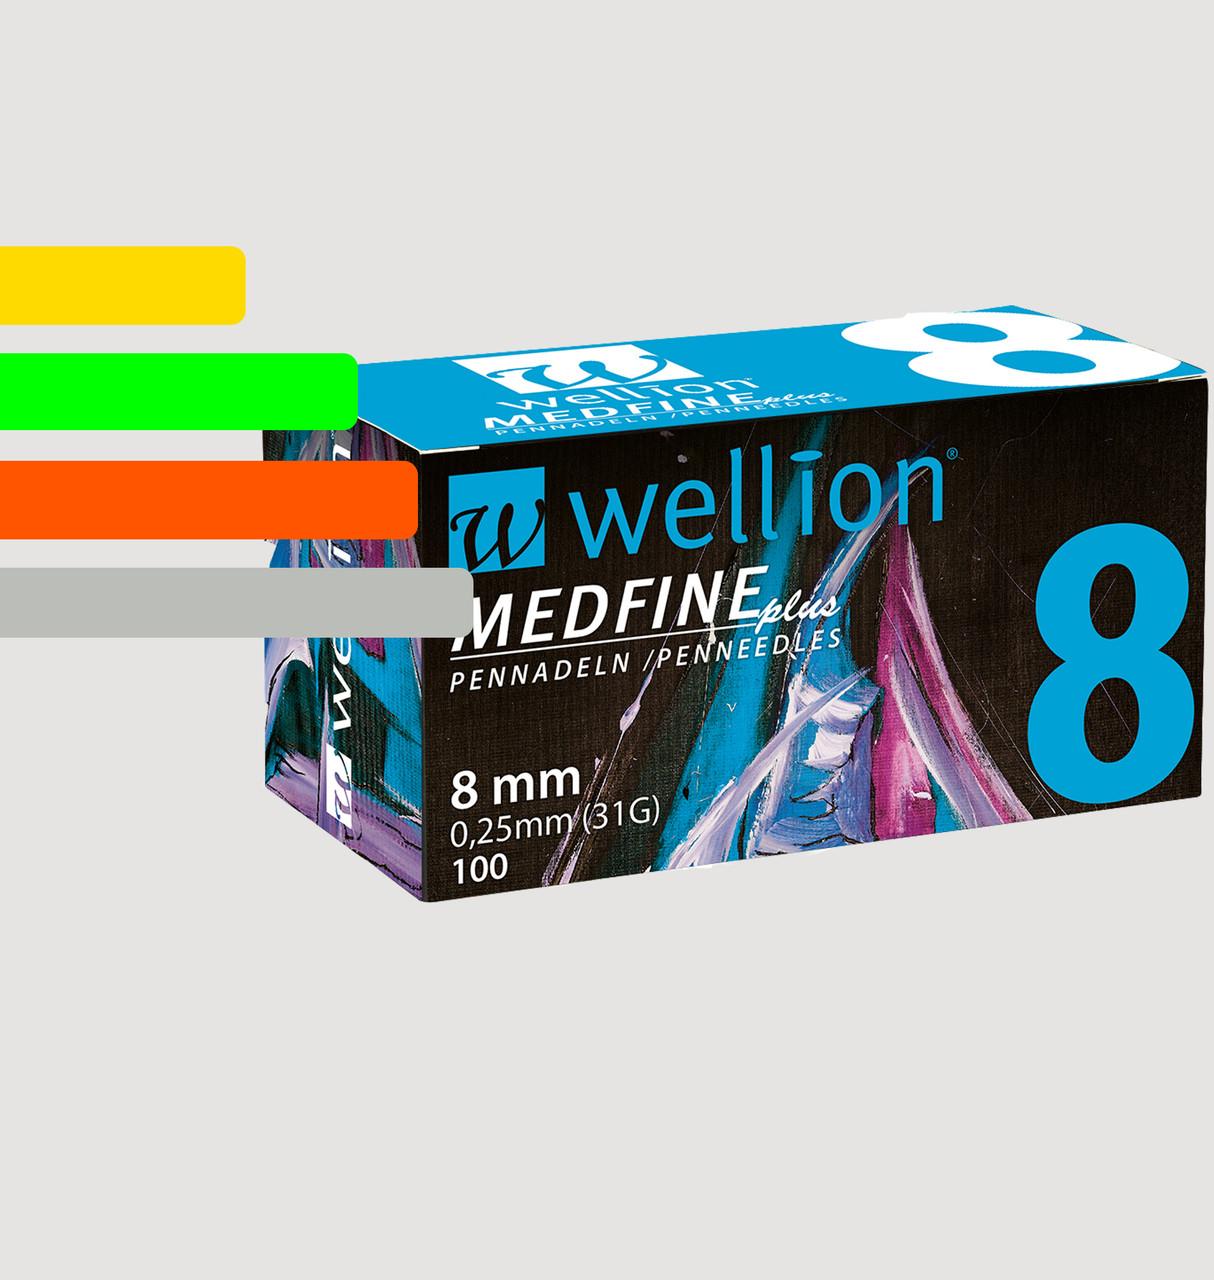 Иглы инсулиновые Wellion Medfine 8мм, 31G - Веллион Медфайн 8мм